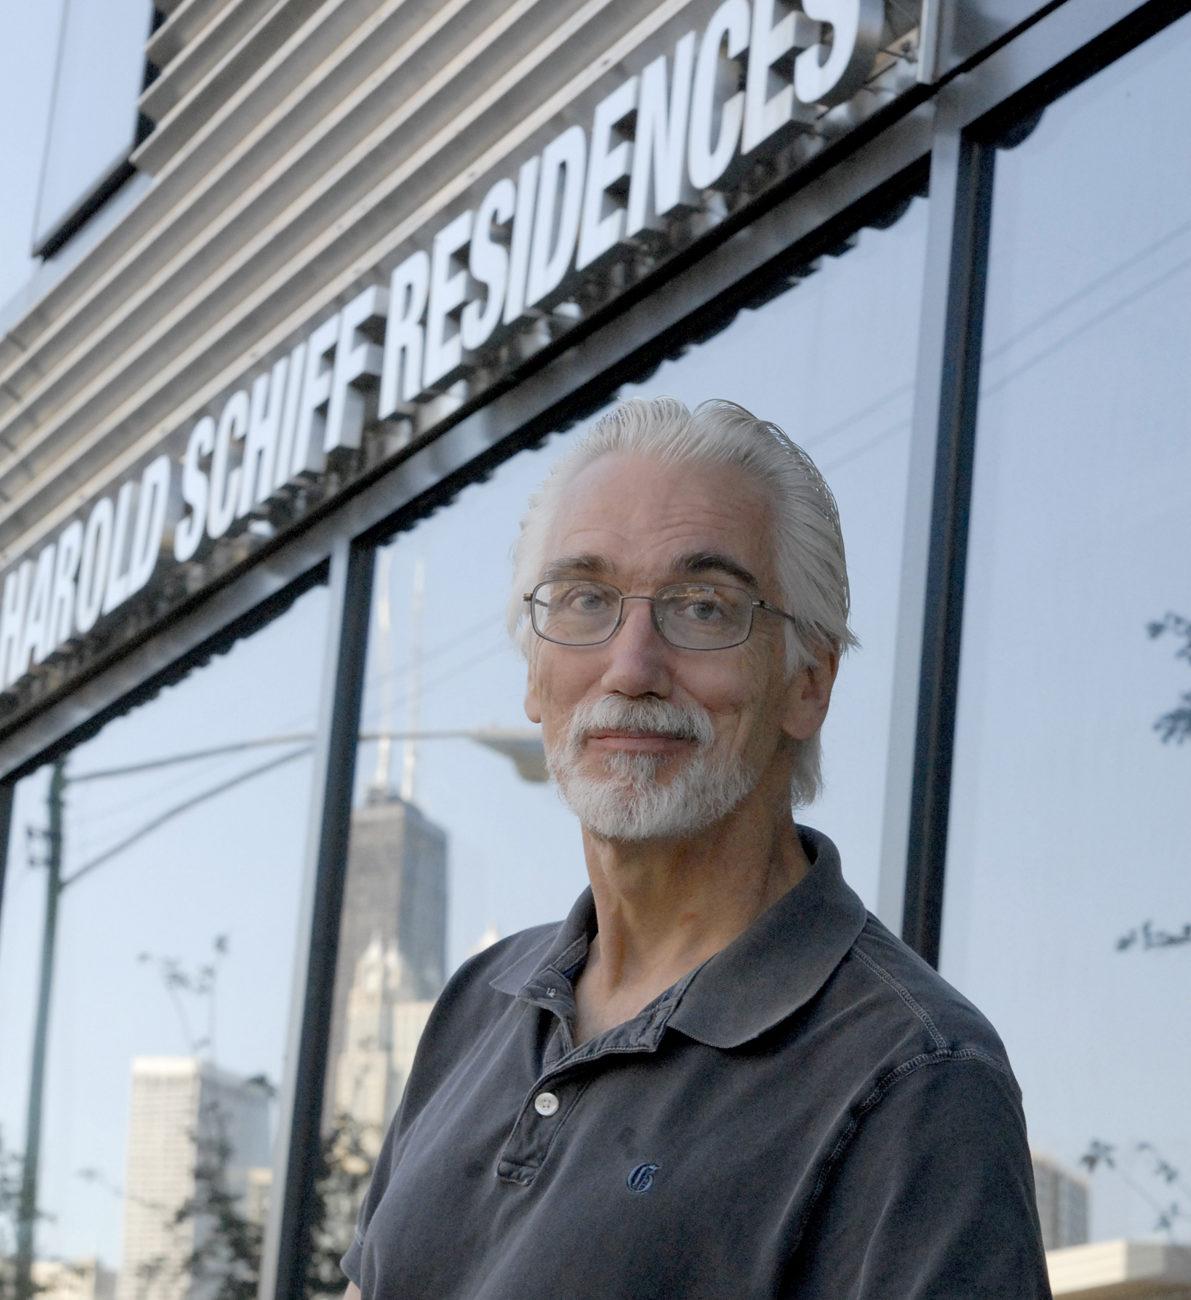 Dr. Charles Hoch